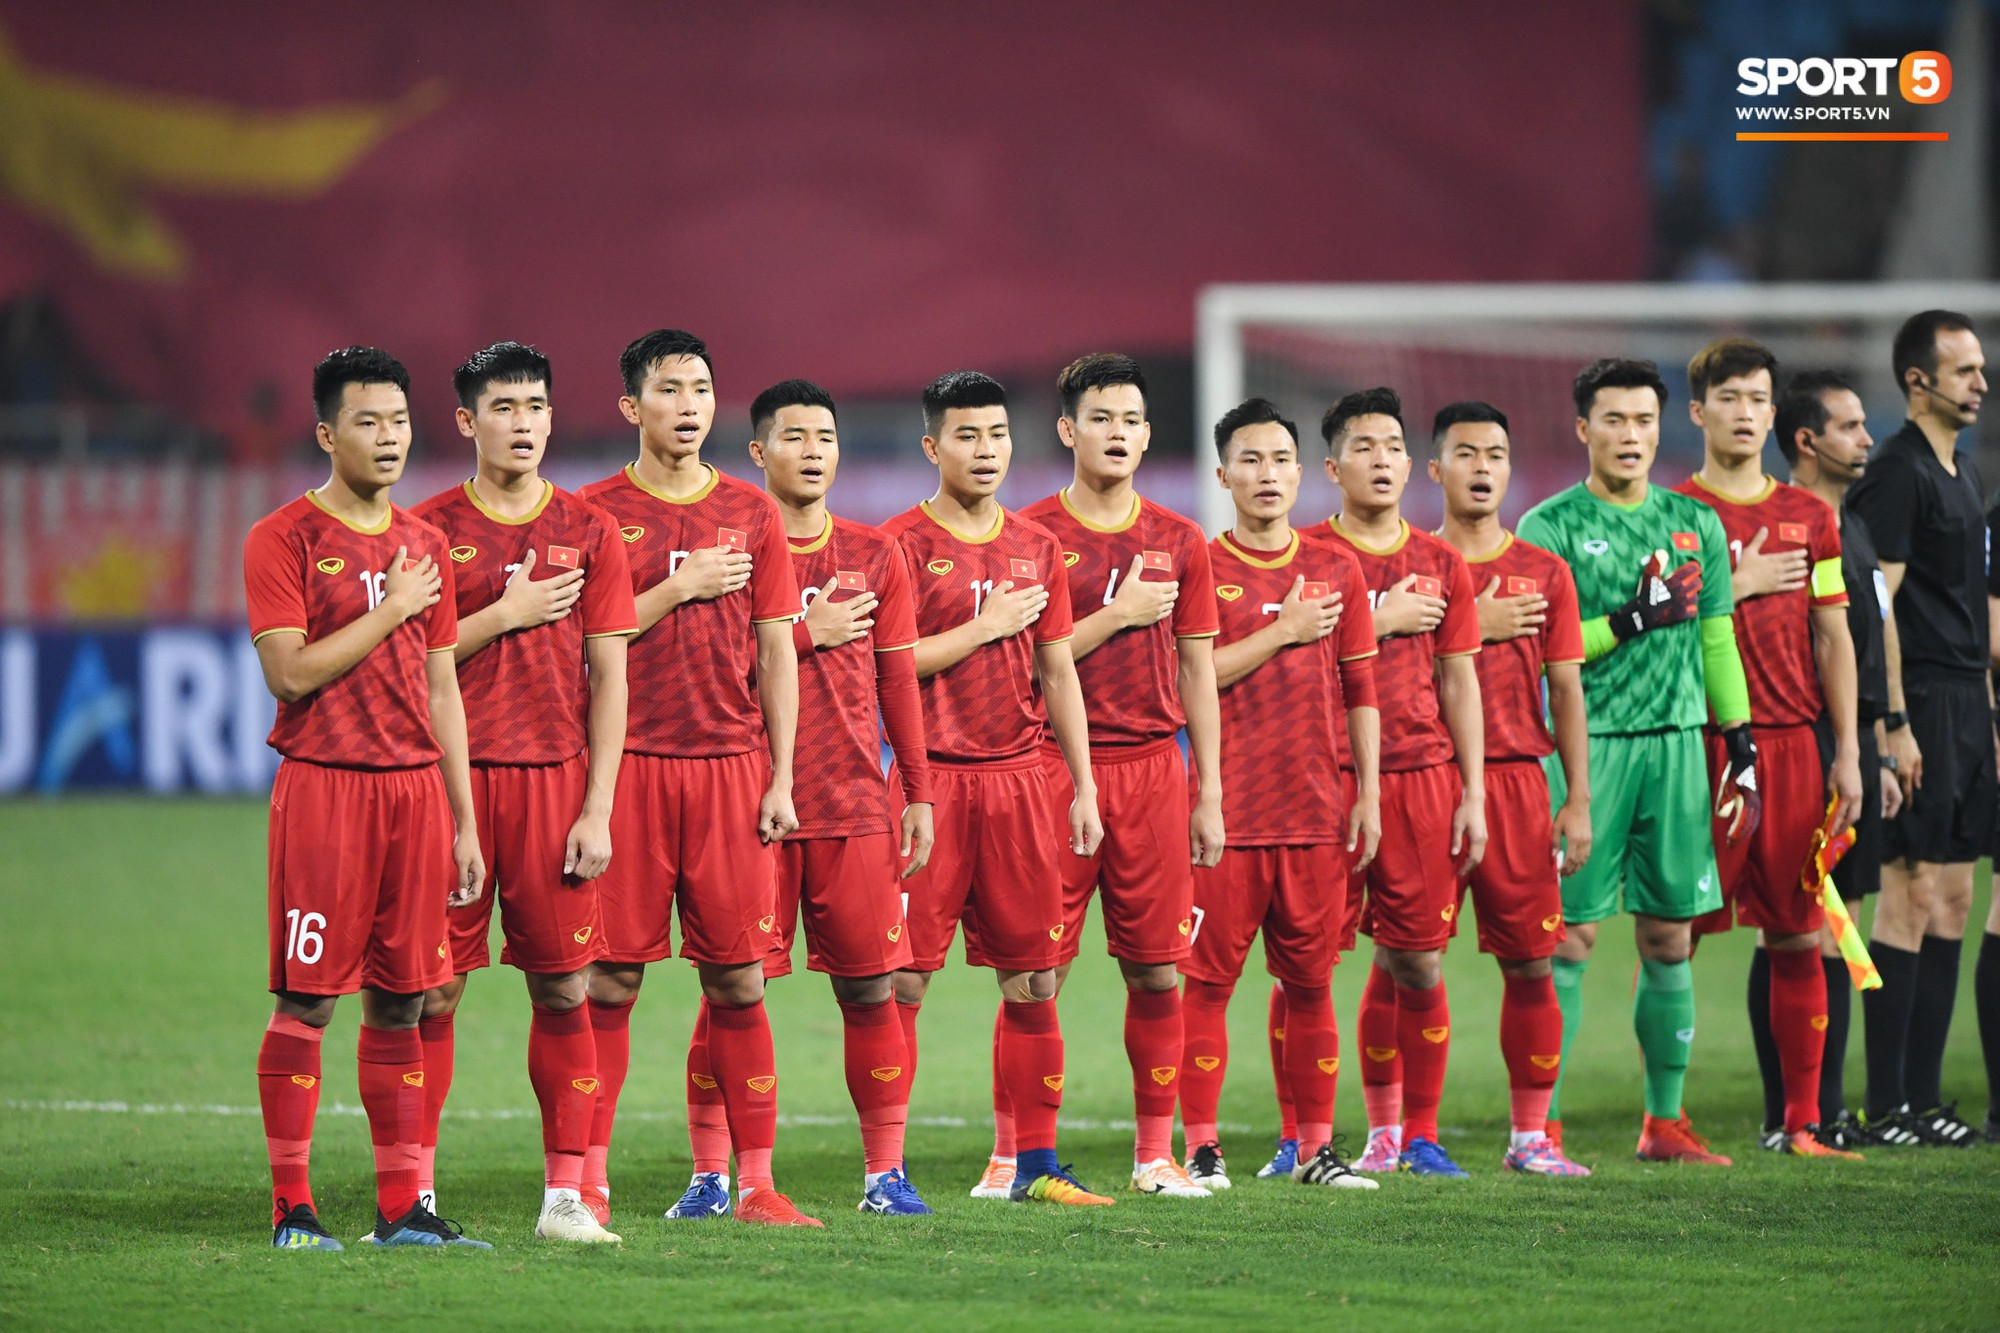 Khiếu nại thành công, Việt Nam thoát khỏi nhóm hạt giống thấp nhất tại SEA Games 30 - Ảnh 2.